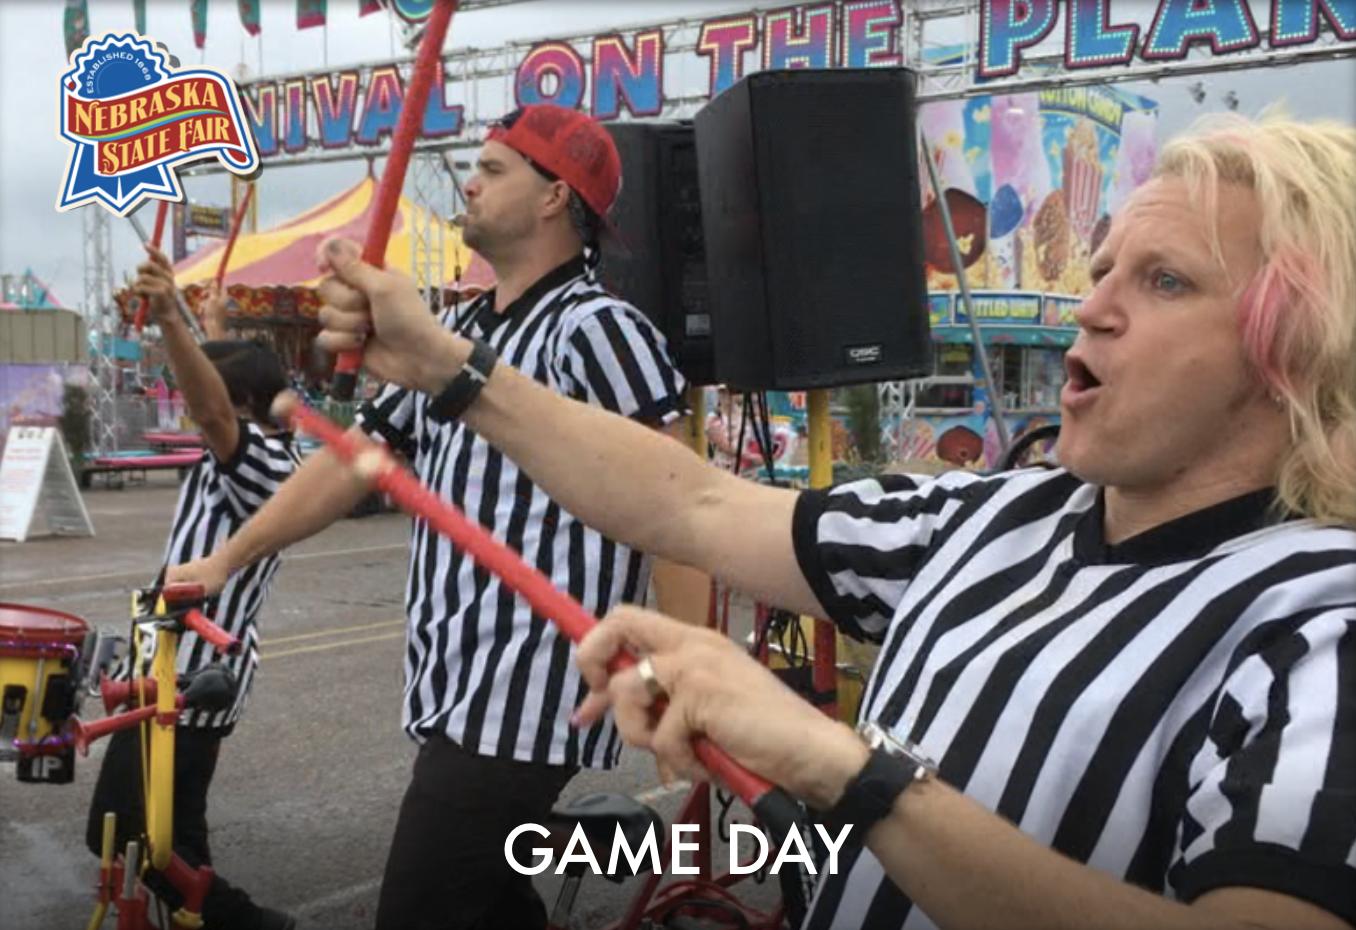 Fair Game Day